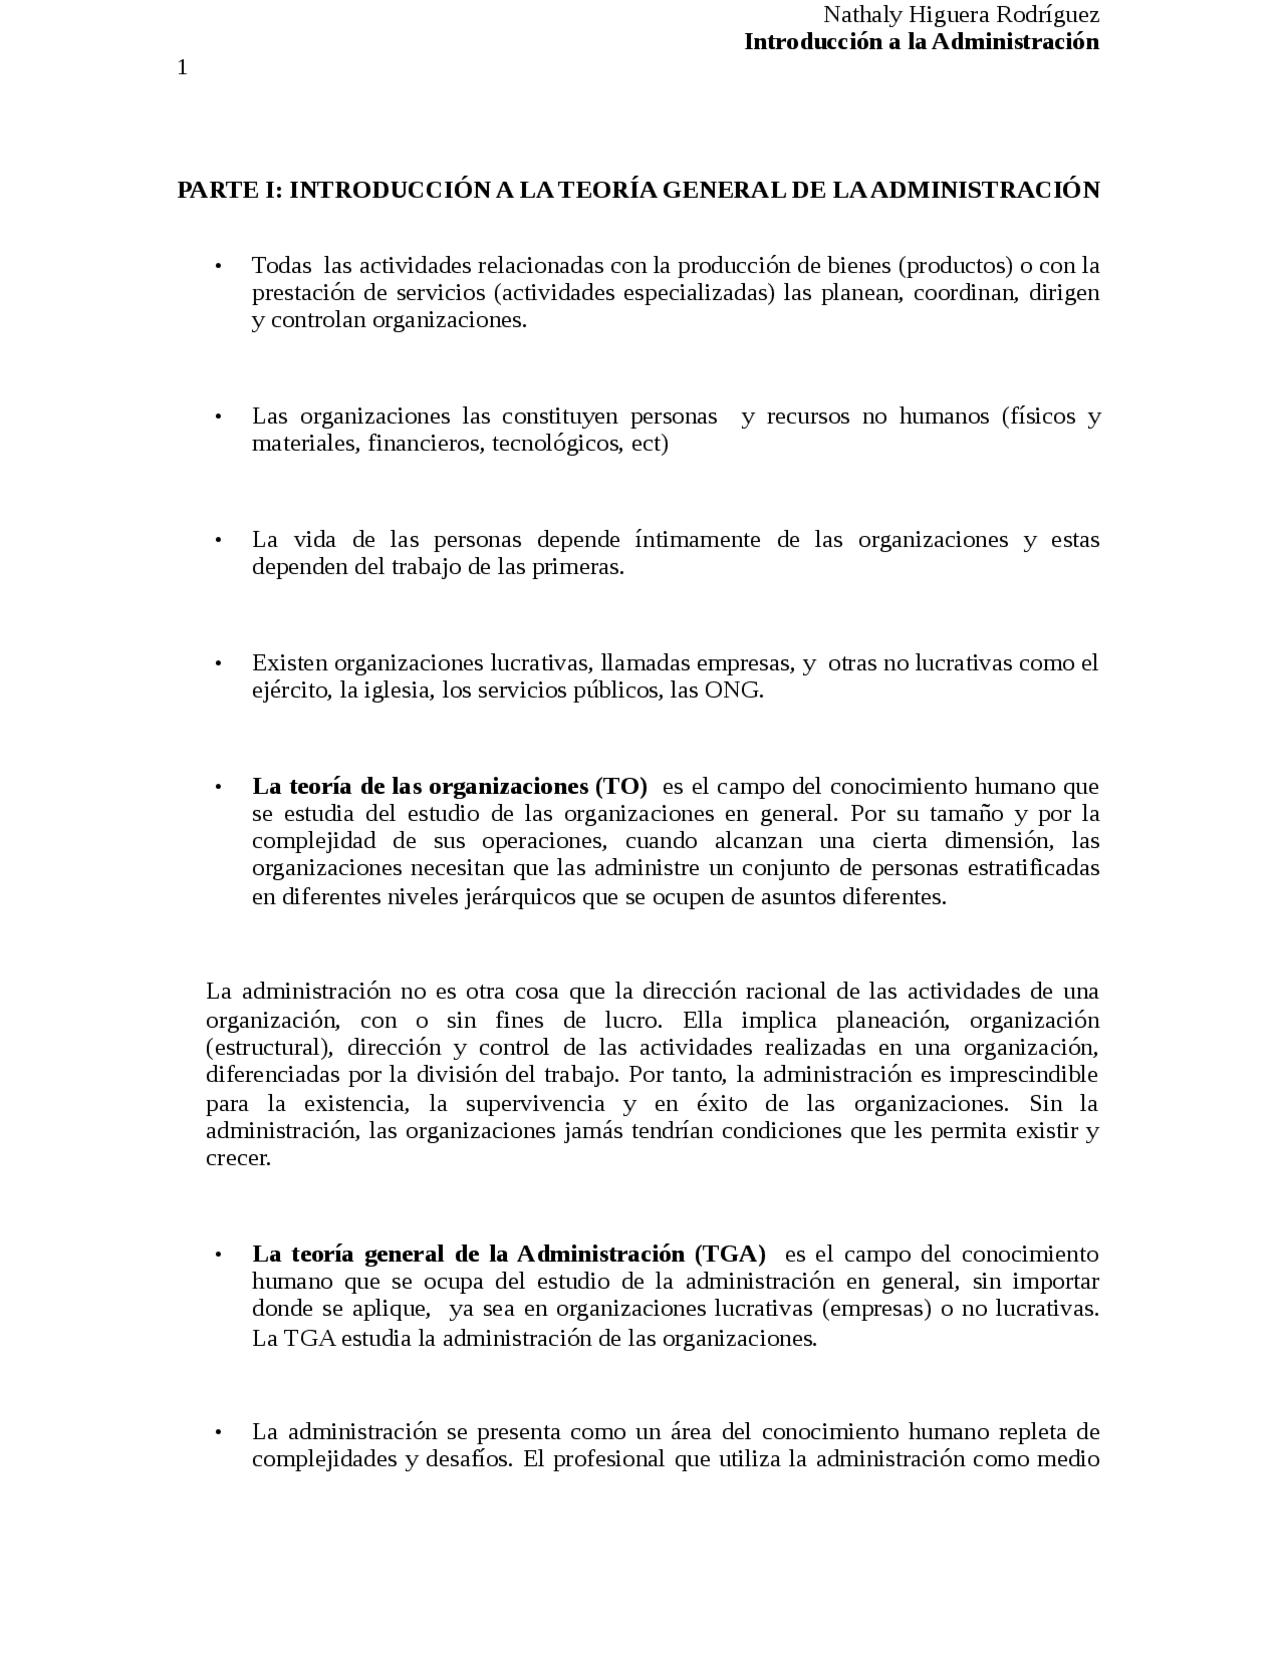 Administración de empresas introducción a la administración   Docsity